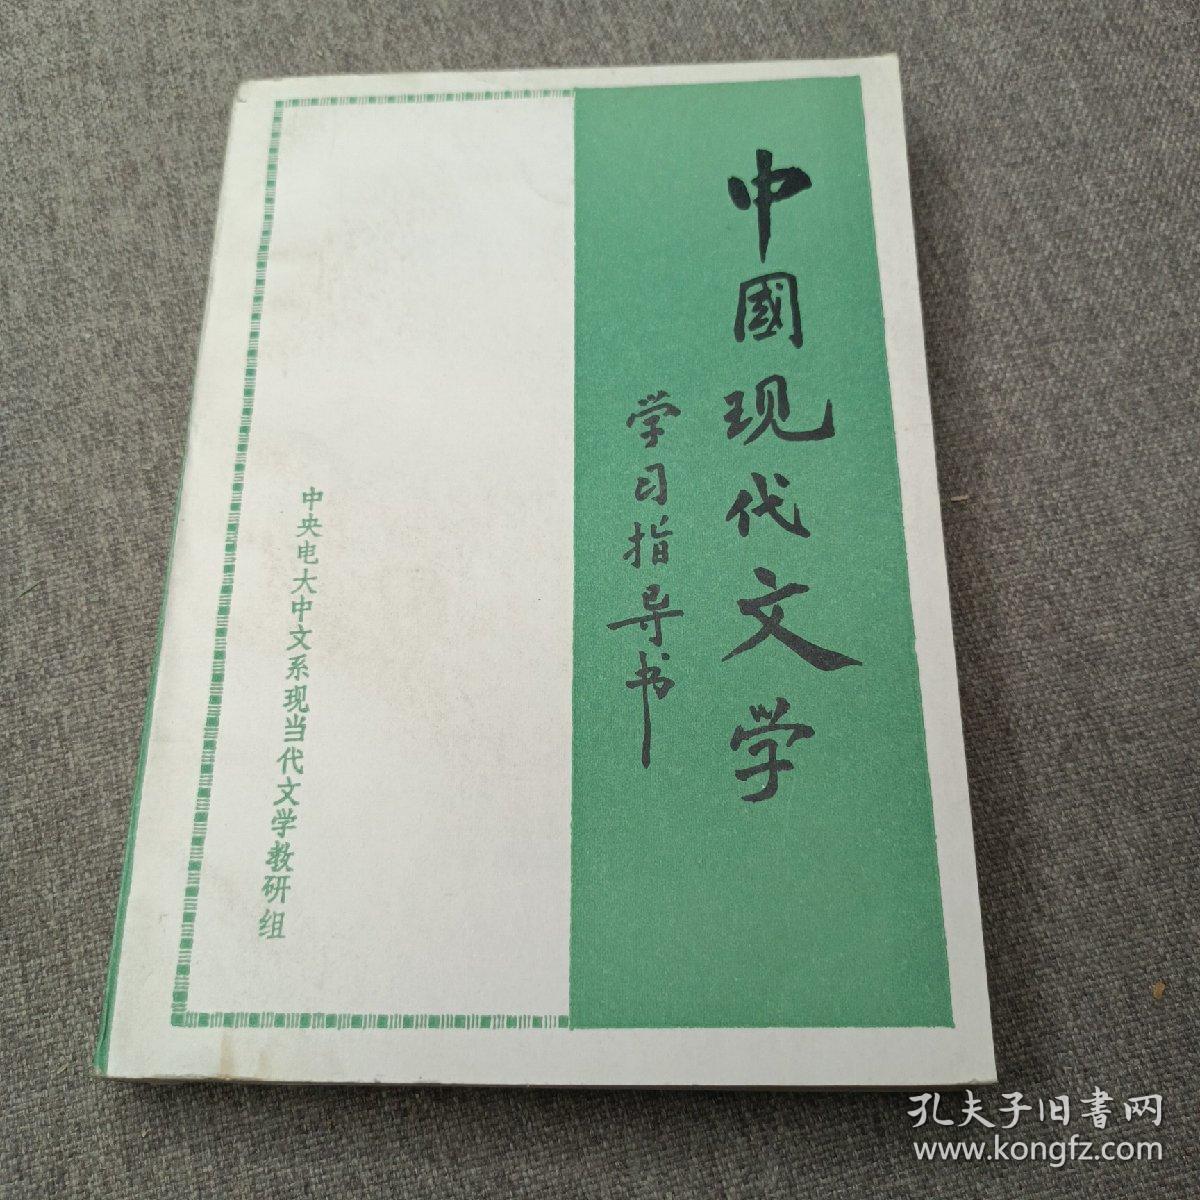 中国现代文学 学习指导书